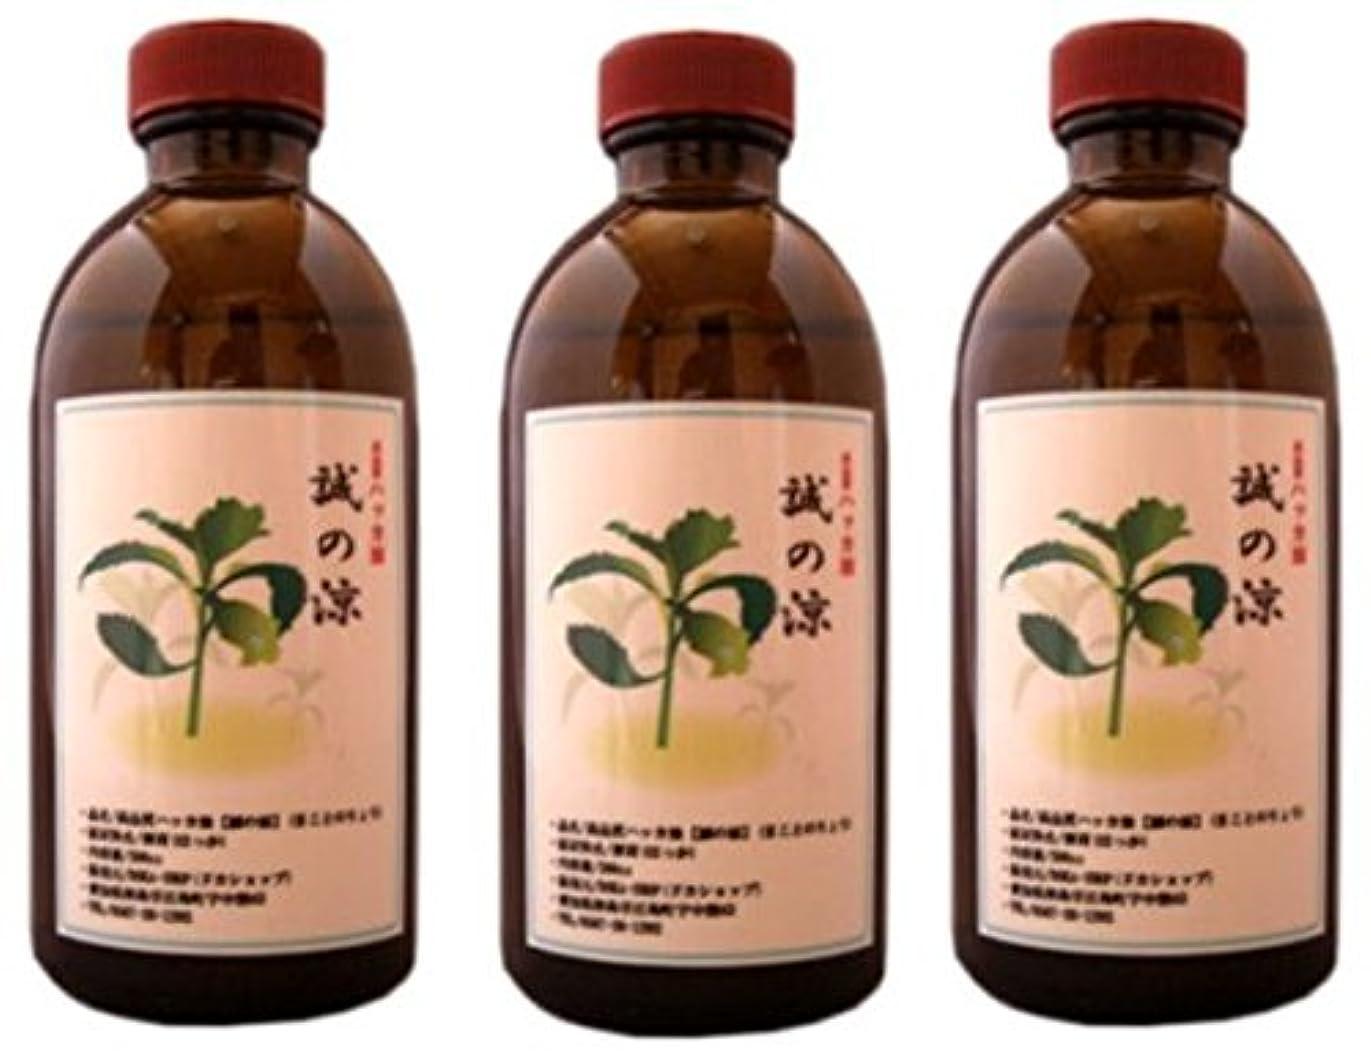 鳥感謝祭傾向DOKA-SHOP 高品質ハッカ精油100%【誠の涼(まことのりょう)】日本国内加工精製 たっぷり使えてバツグンの爽快感 200cc×3本セット